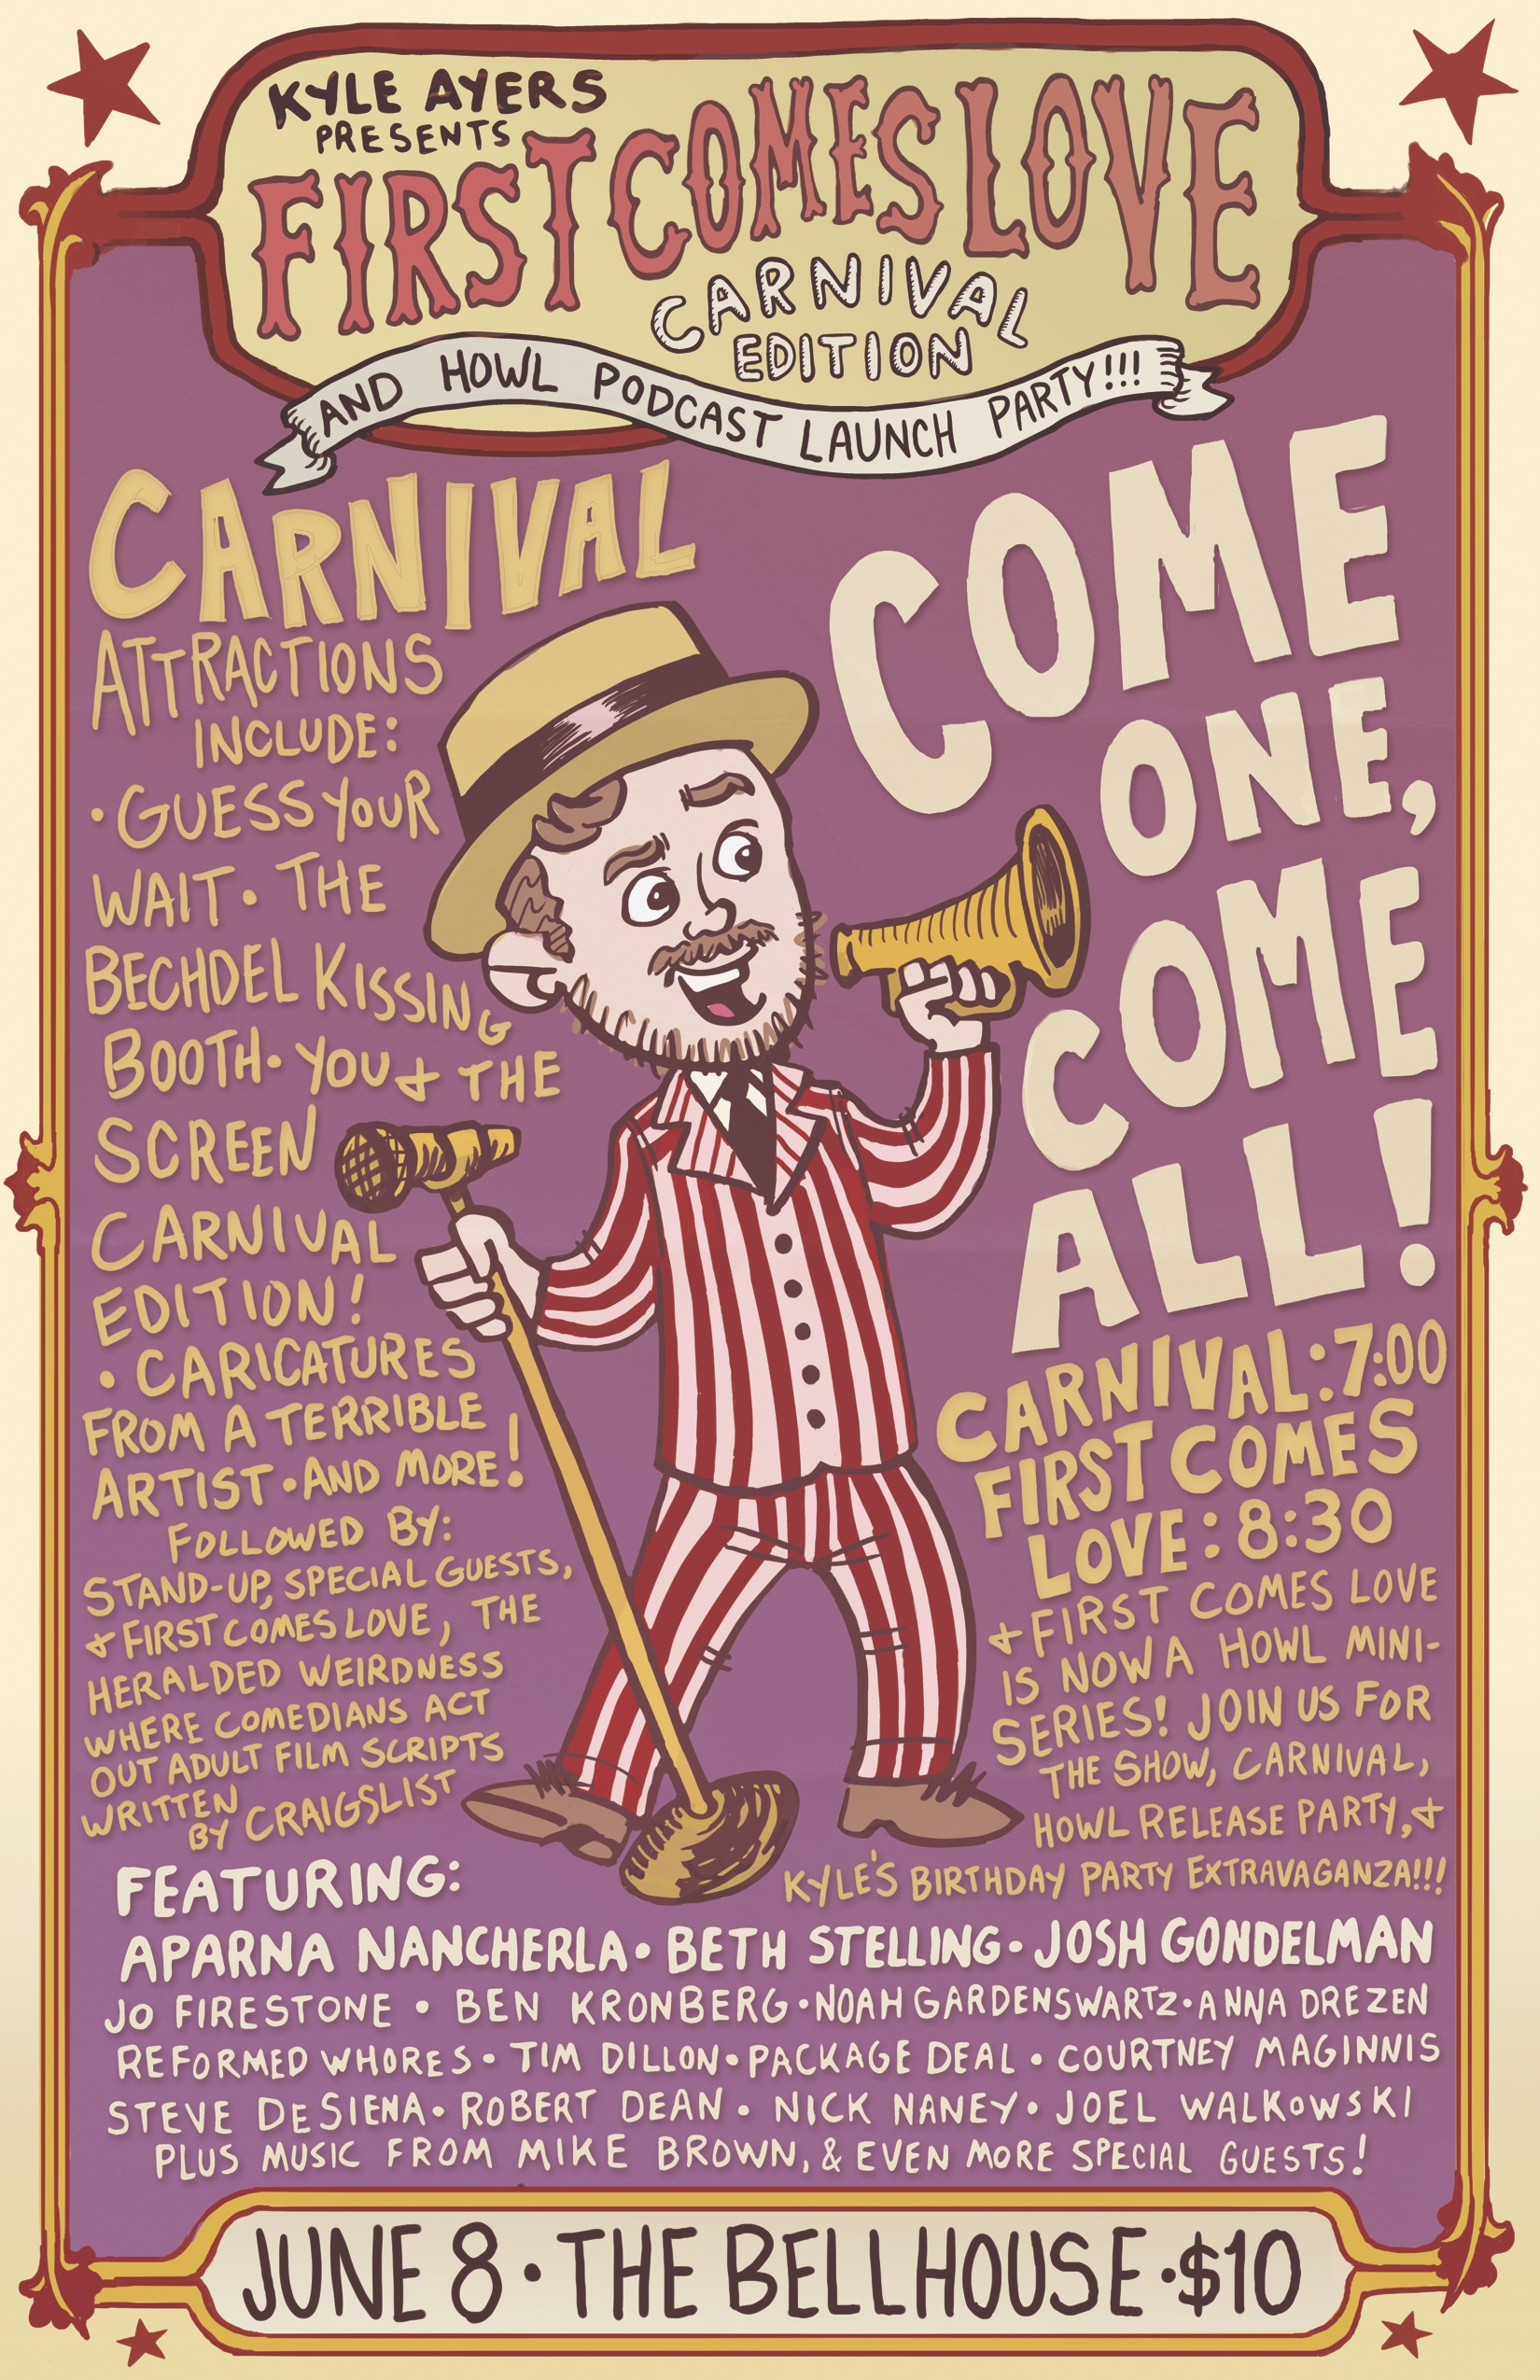 FCL Carnival Howl Poster.jpg